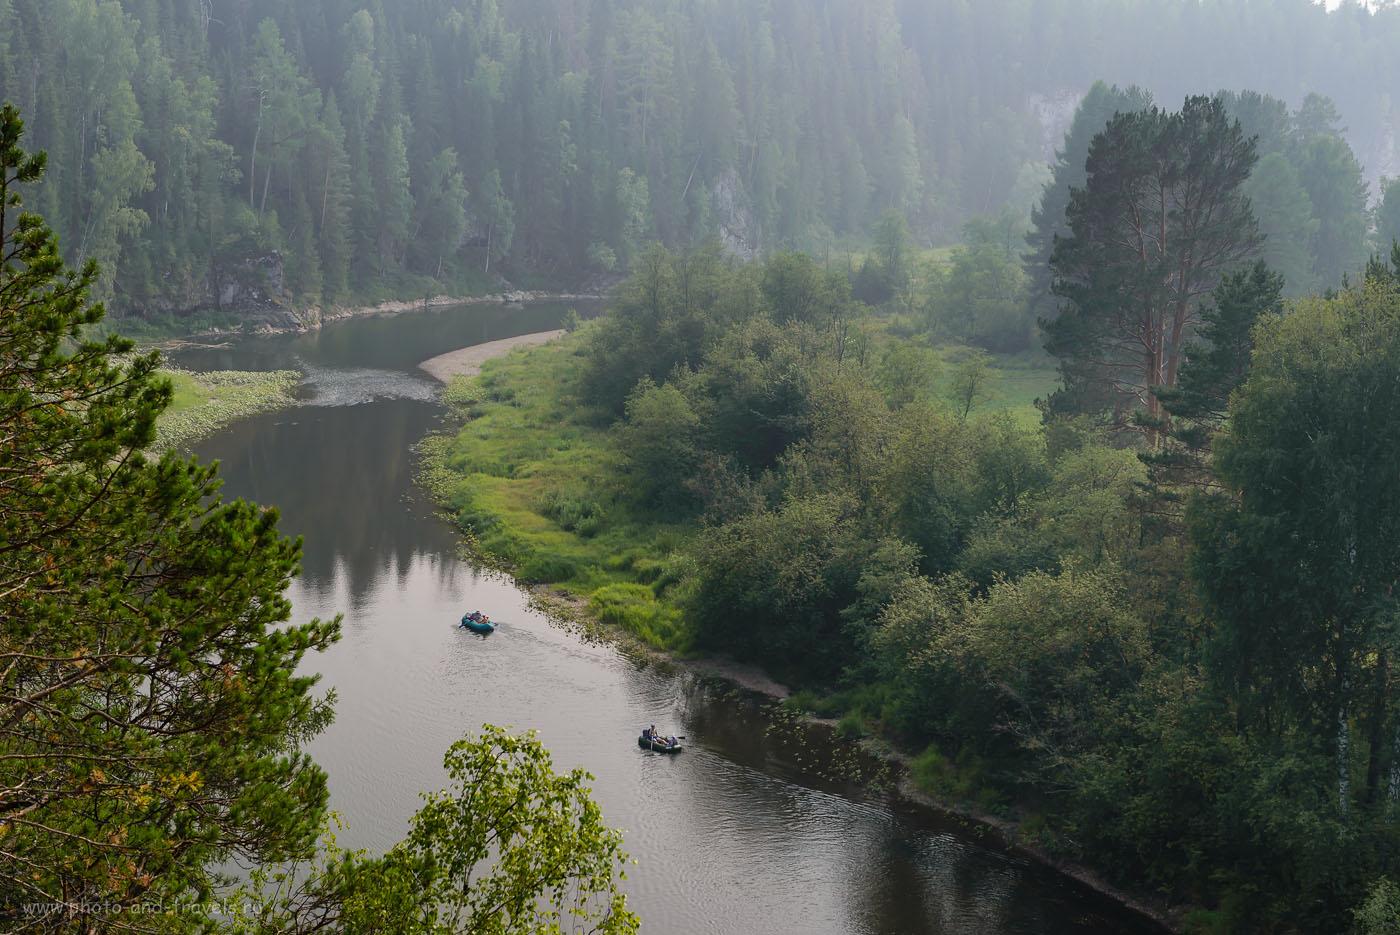 Фото 24. Сплав по реке Серга в природном парке «Оленьи ручьи». 1/250, -0.67, 8.0, 250, 60.